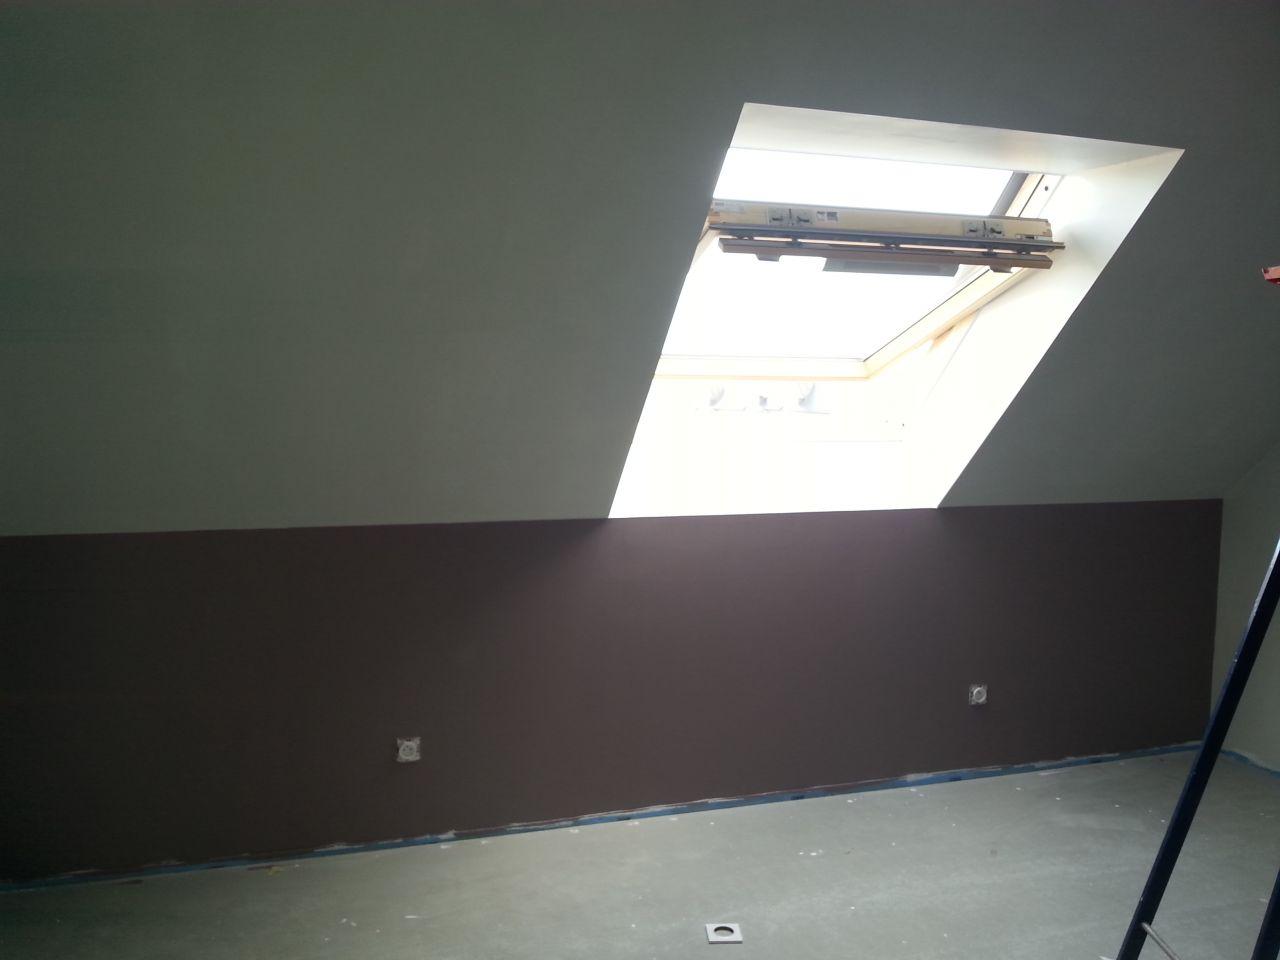 et voil notre clairage ext rieur notre projet de vie villabossa 4 chambres. Black Bedroom Furniture Sets. Home Design Ideas